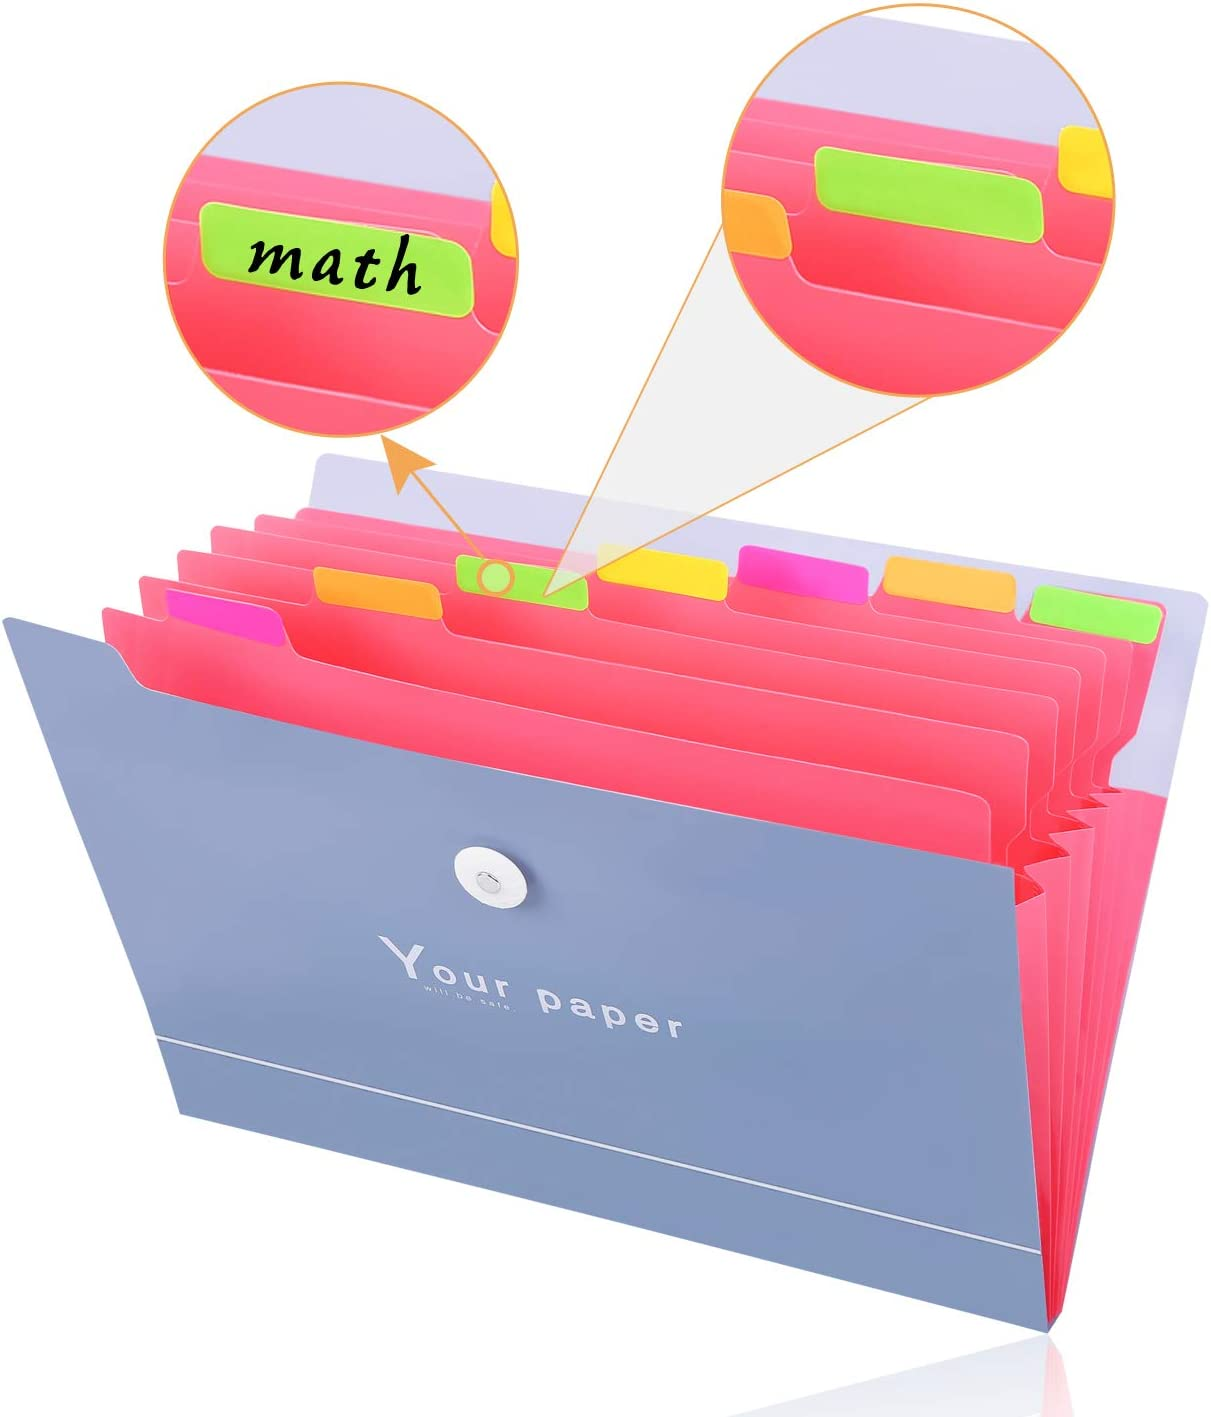 Trieur 8 Compartiments A4 Trieur Document Classeur Rangement Papier Trieur Plastique Extensible Accordeon Document Pour Bureau Maison Ecole Pochettes Et Trieurs A Soufflets